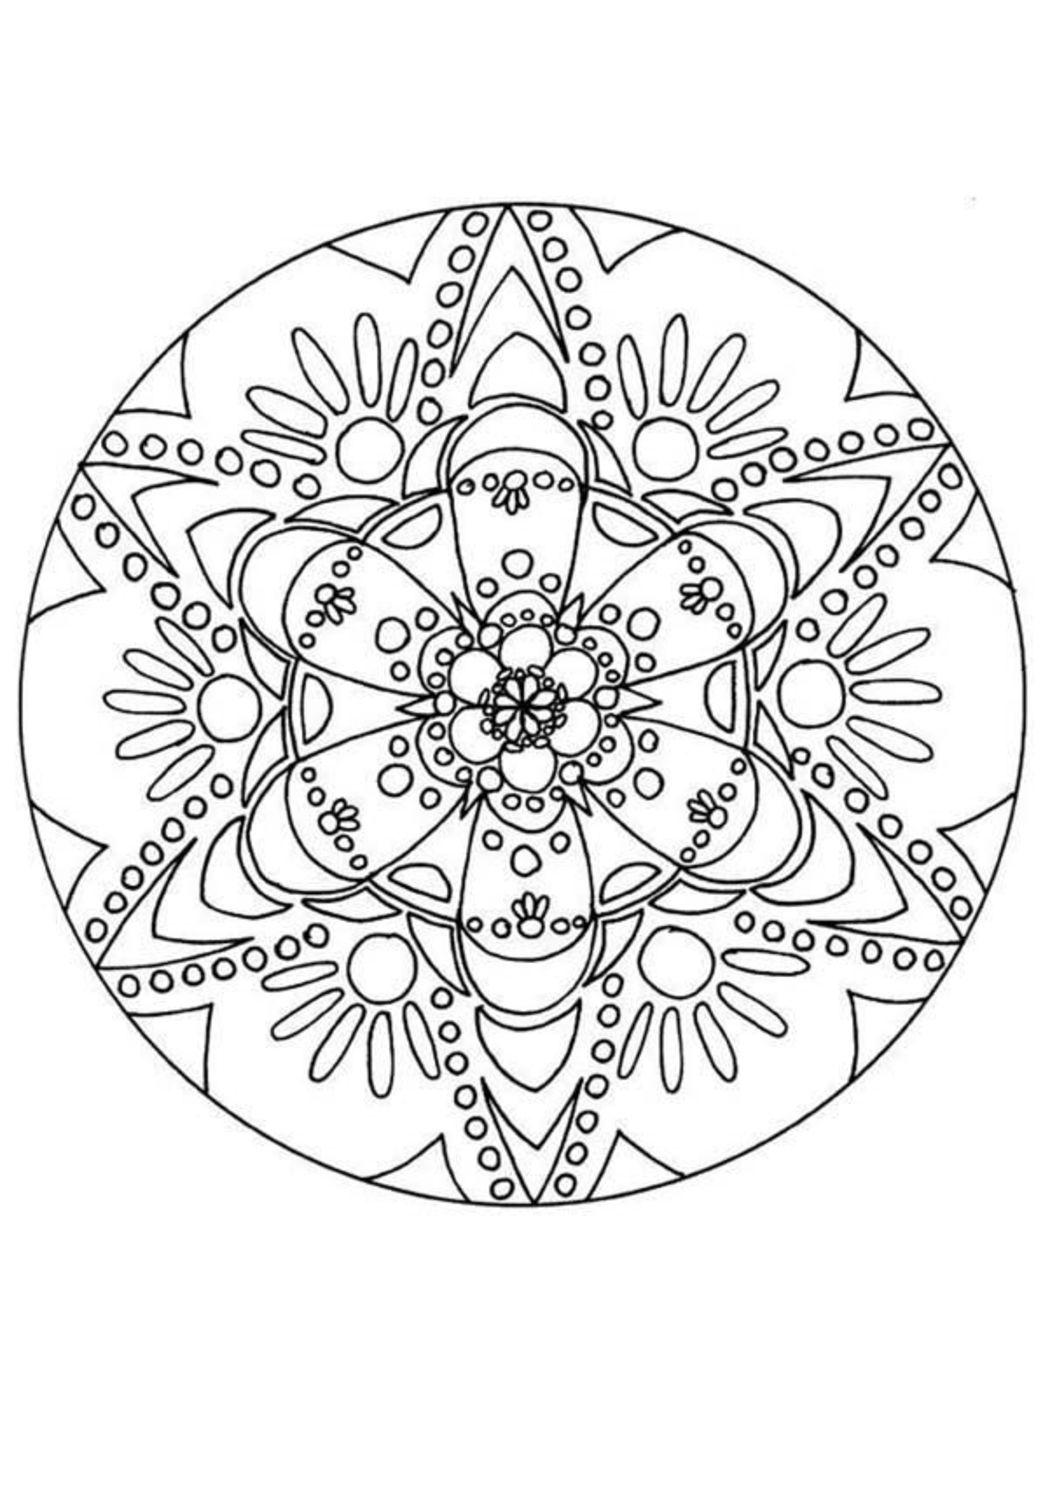 Disegni Da Colorare Geometrici Per Adulti Mandala 6428